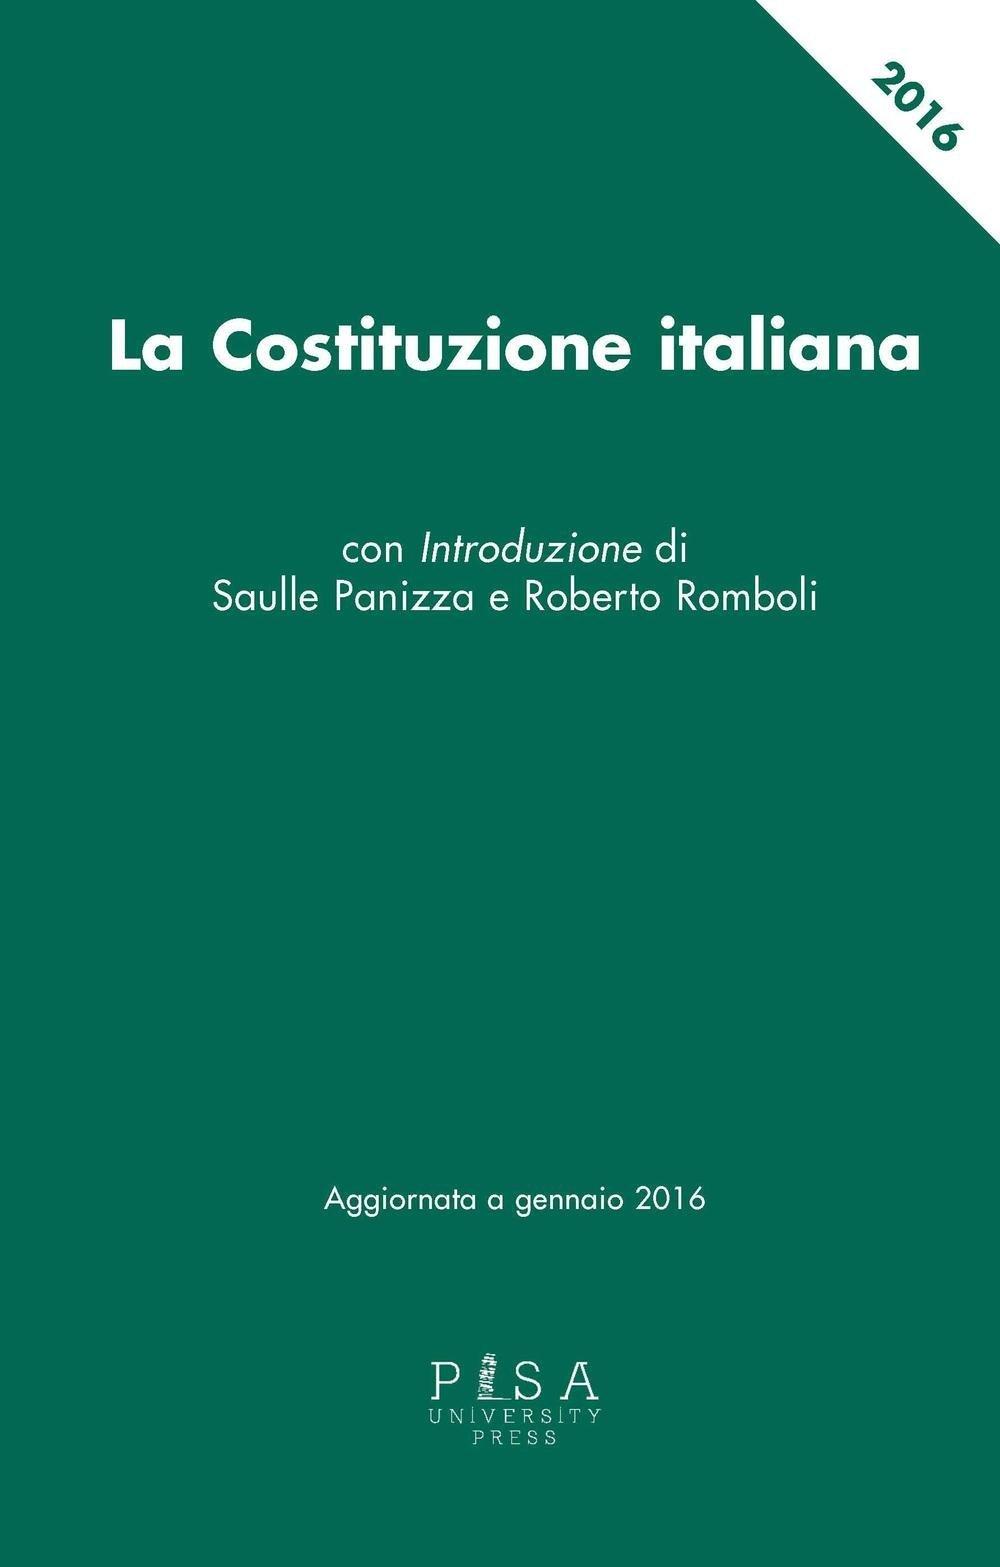 La Costituzione italiana aggiornata a gennaio 2016 Copertina flessibile – 28 apr 2016 Saulle Panizza Pisa University Press 886741612X DIRITTO